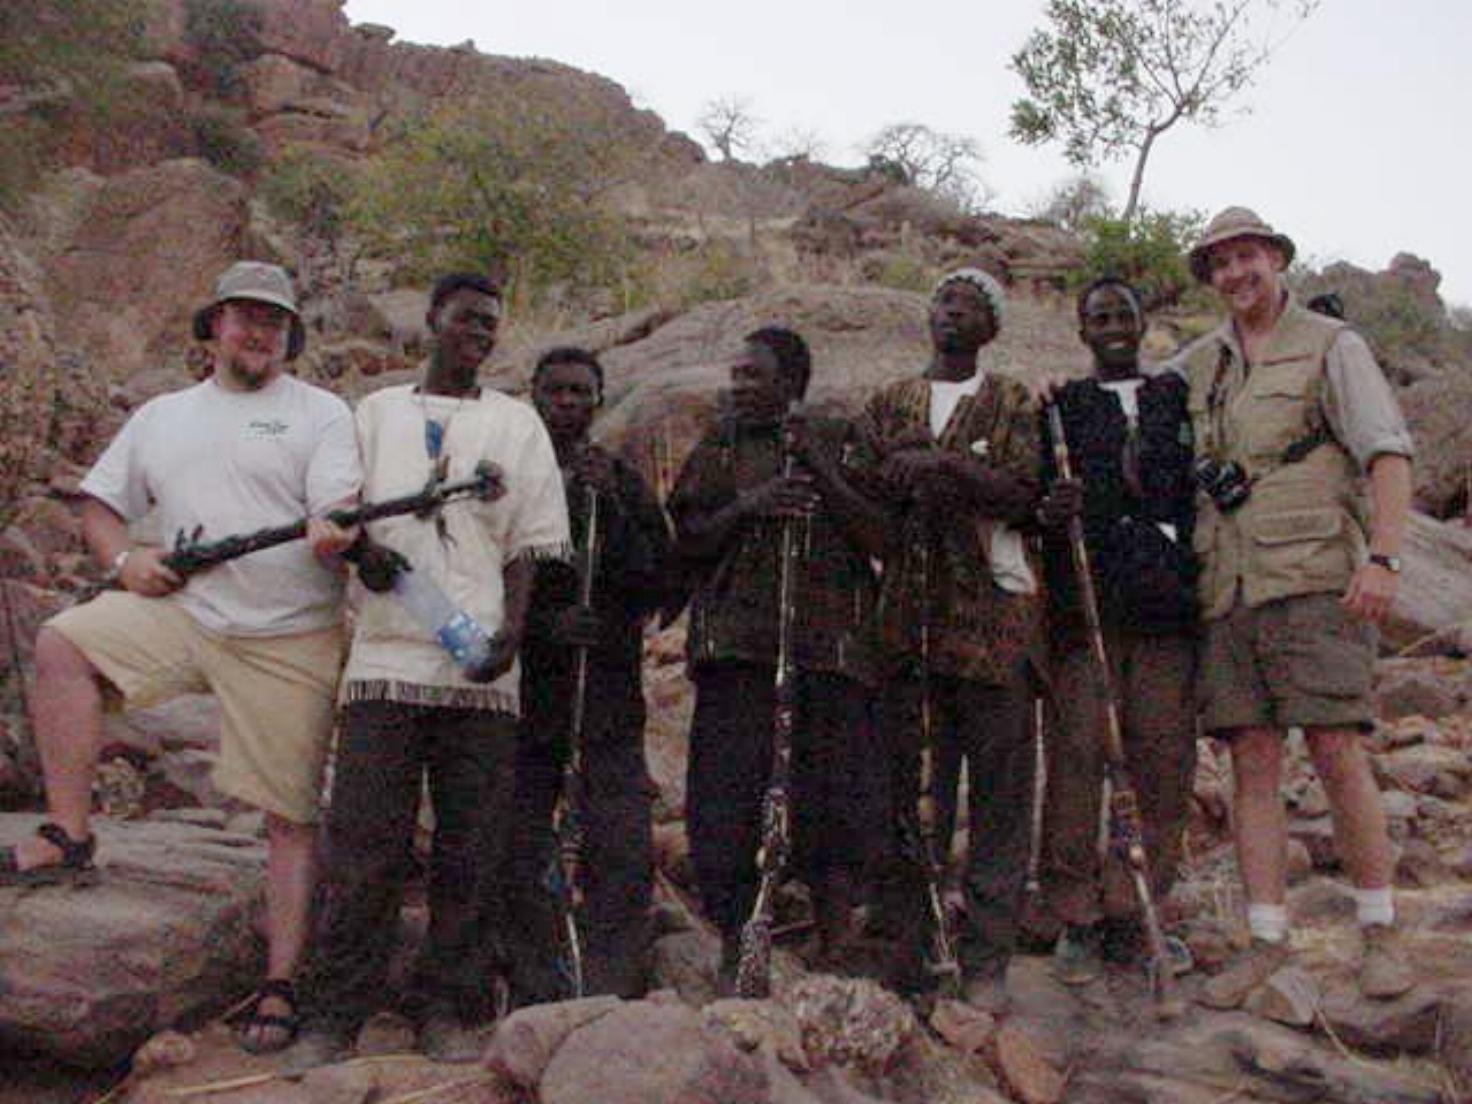 Paul Shumway & Wilson Bullard pose with the Dogon musket brigade